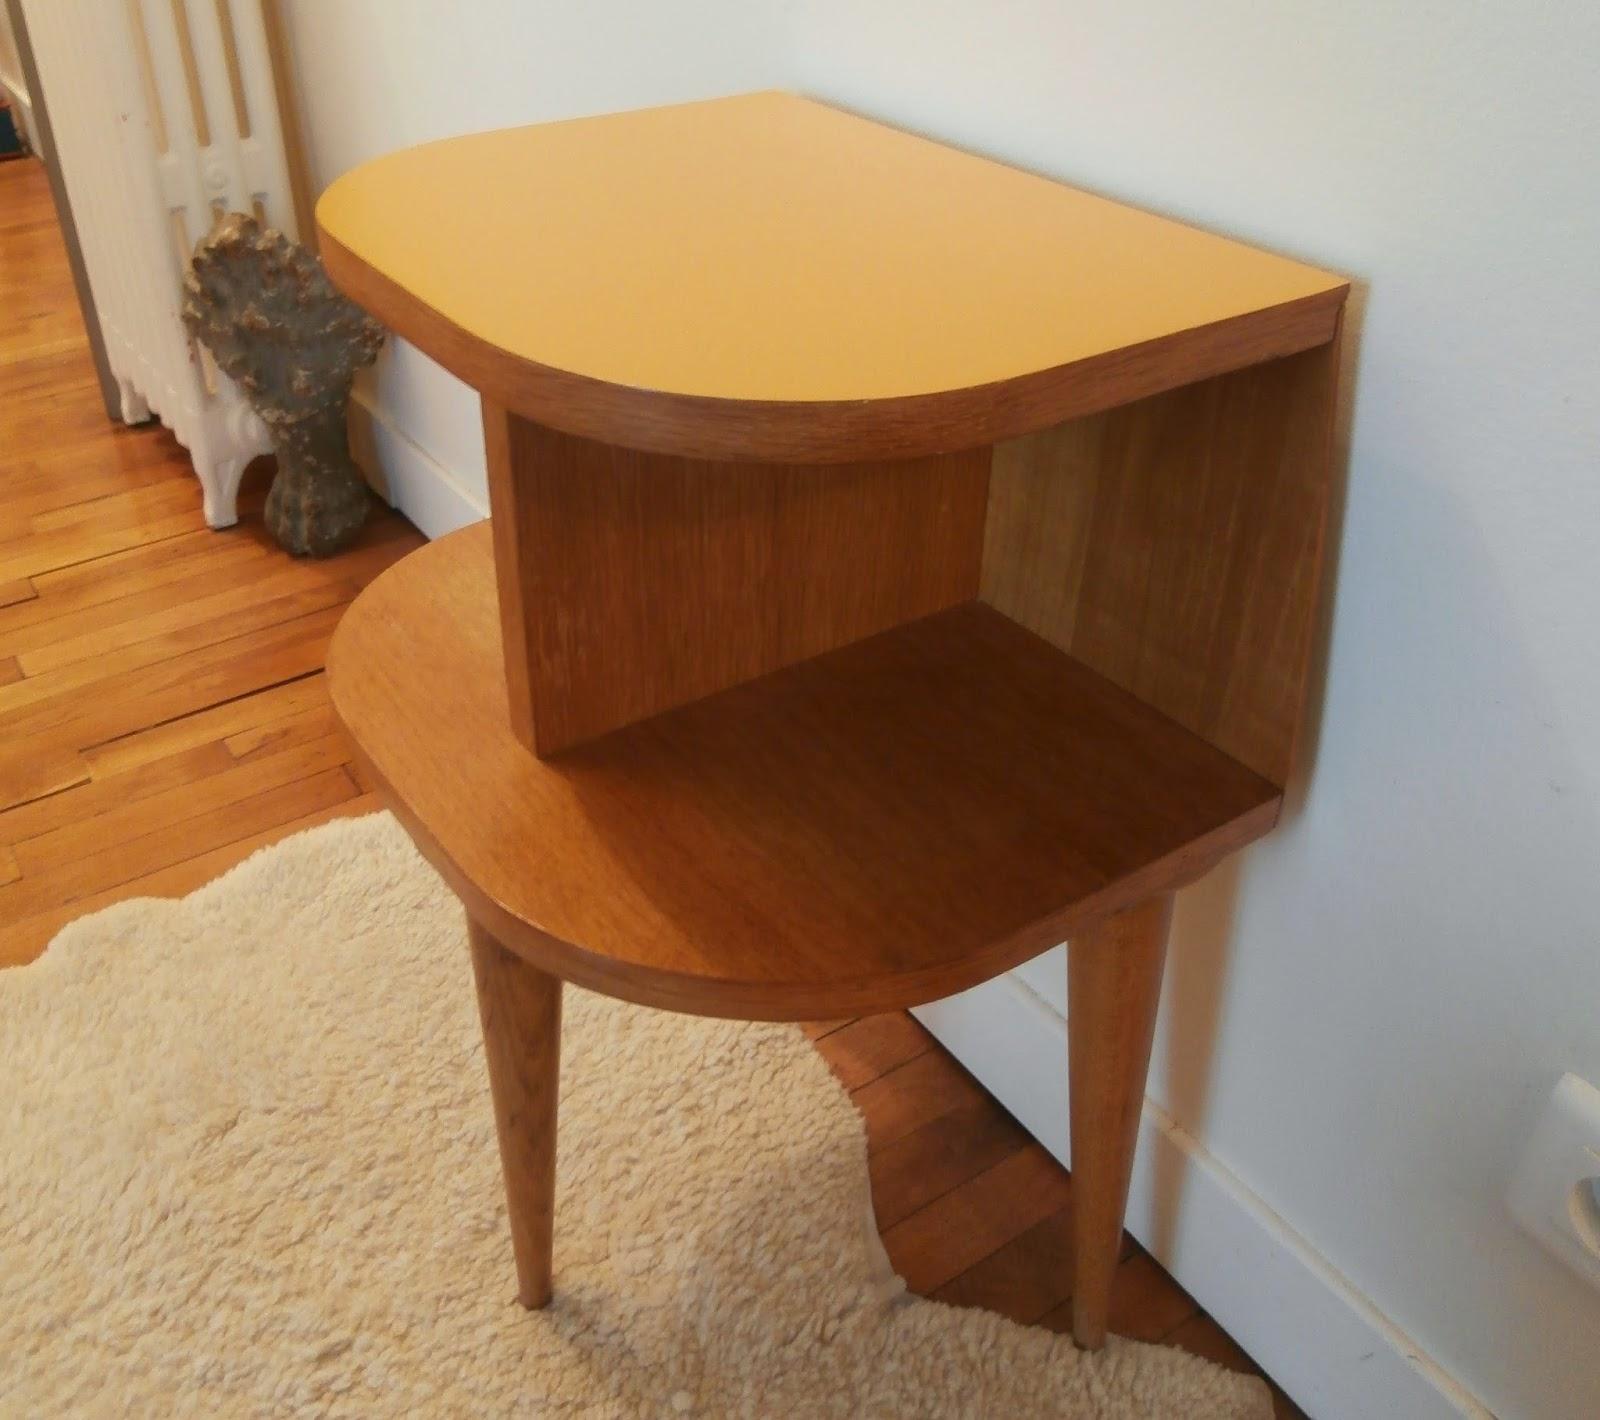 dur e de vie ind termin e table de chevet tripode ann es. Black Bedroom Furniture Sets. Home Design Ideas